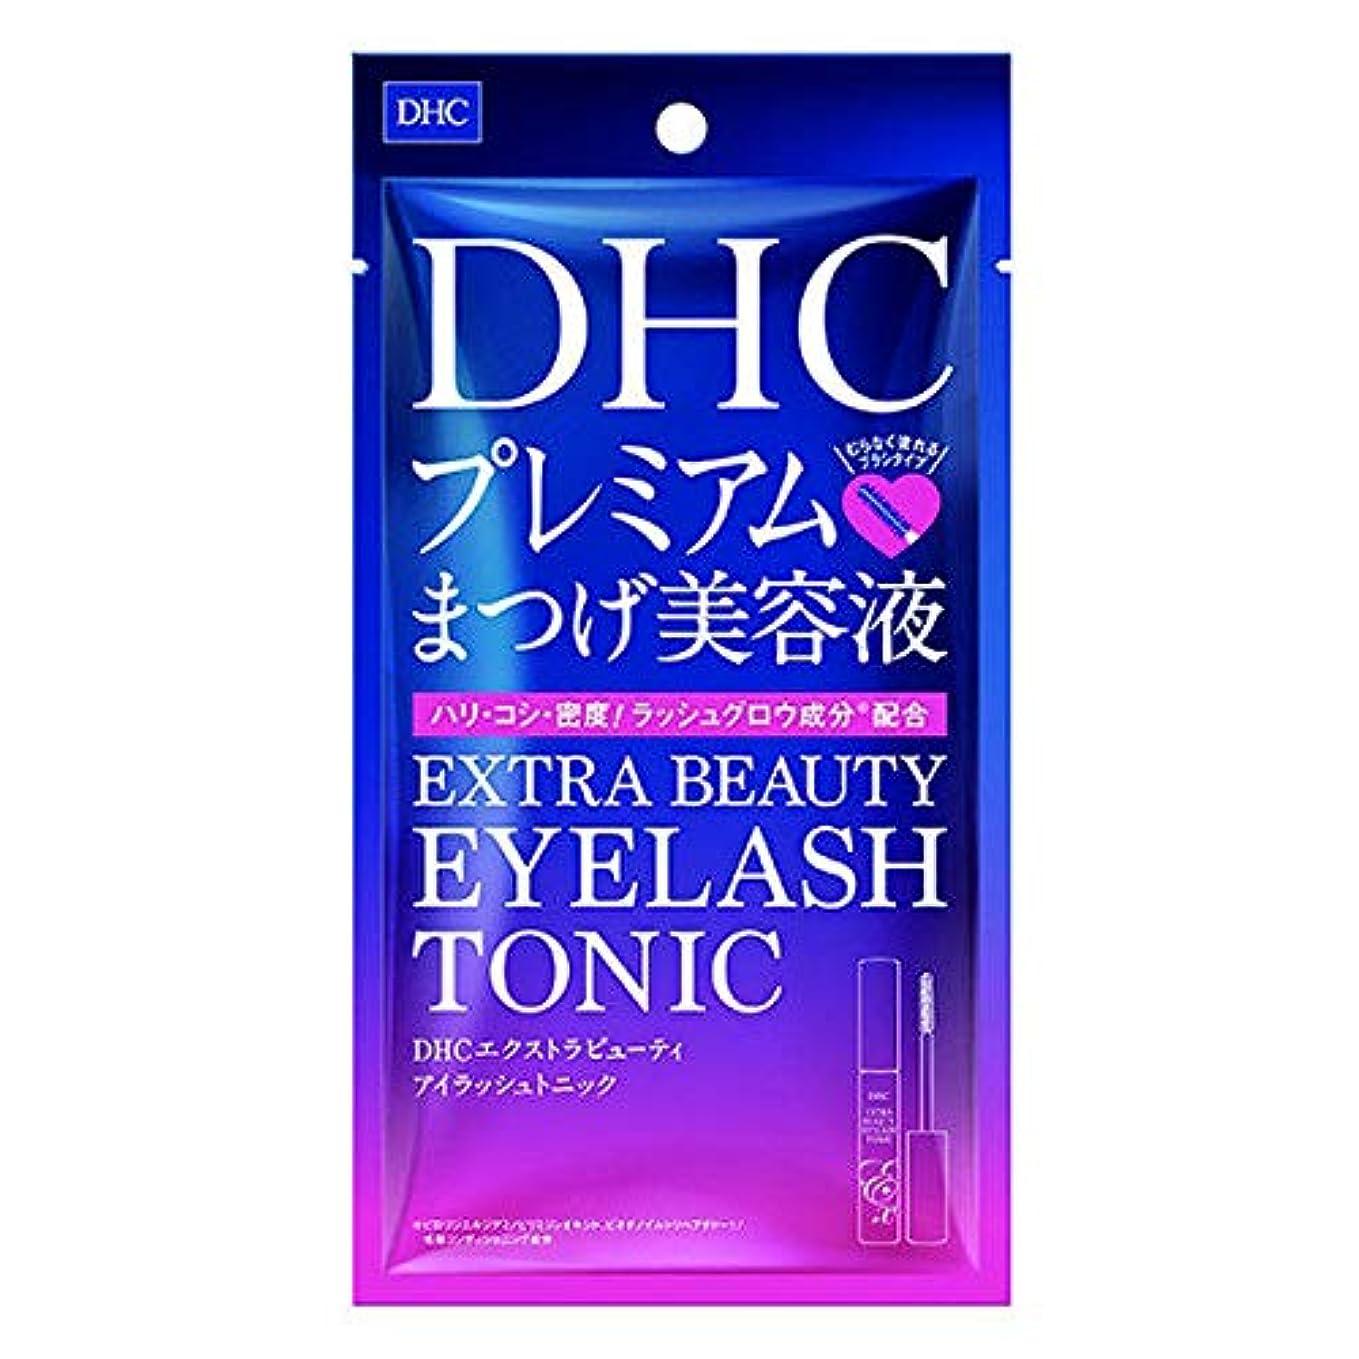 大きさにおい精査DHC エクストラビューティアイラッシュトニック 6.5ml プレミアムまつげ美容液